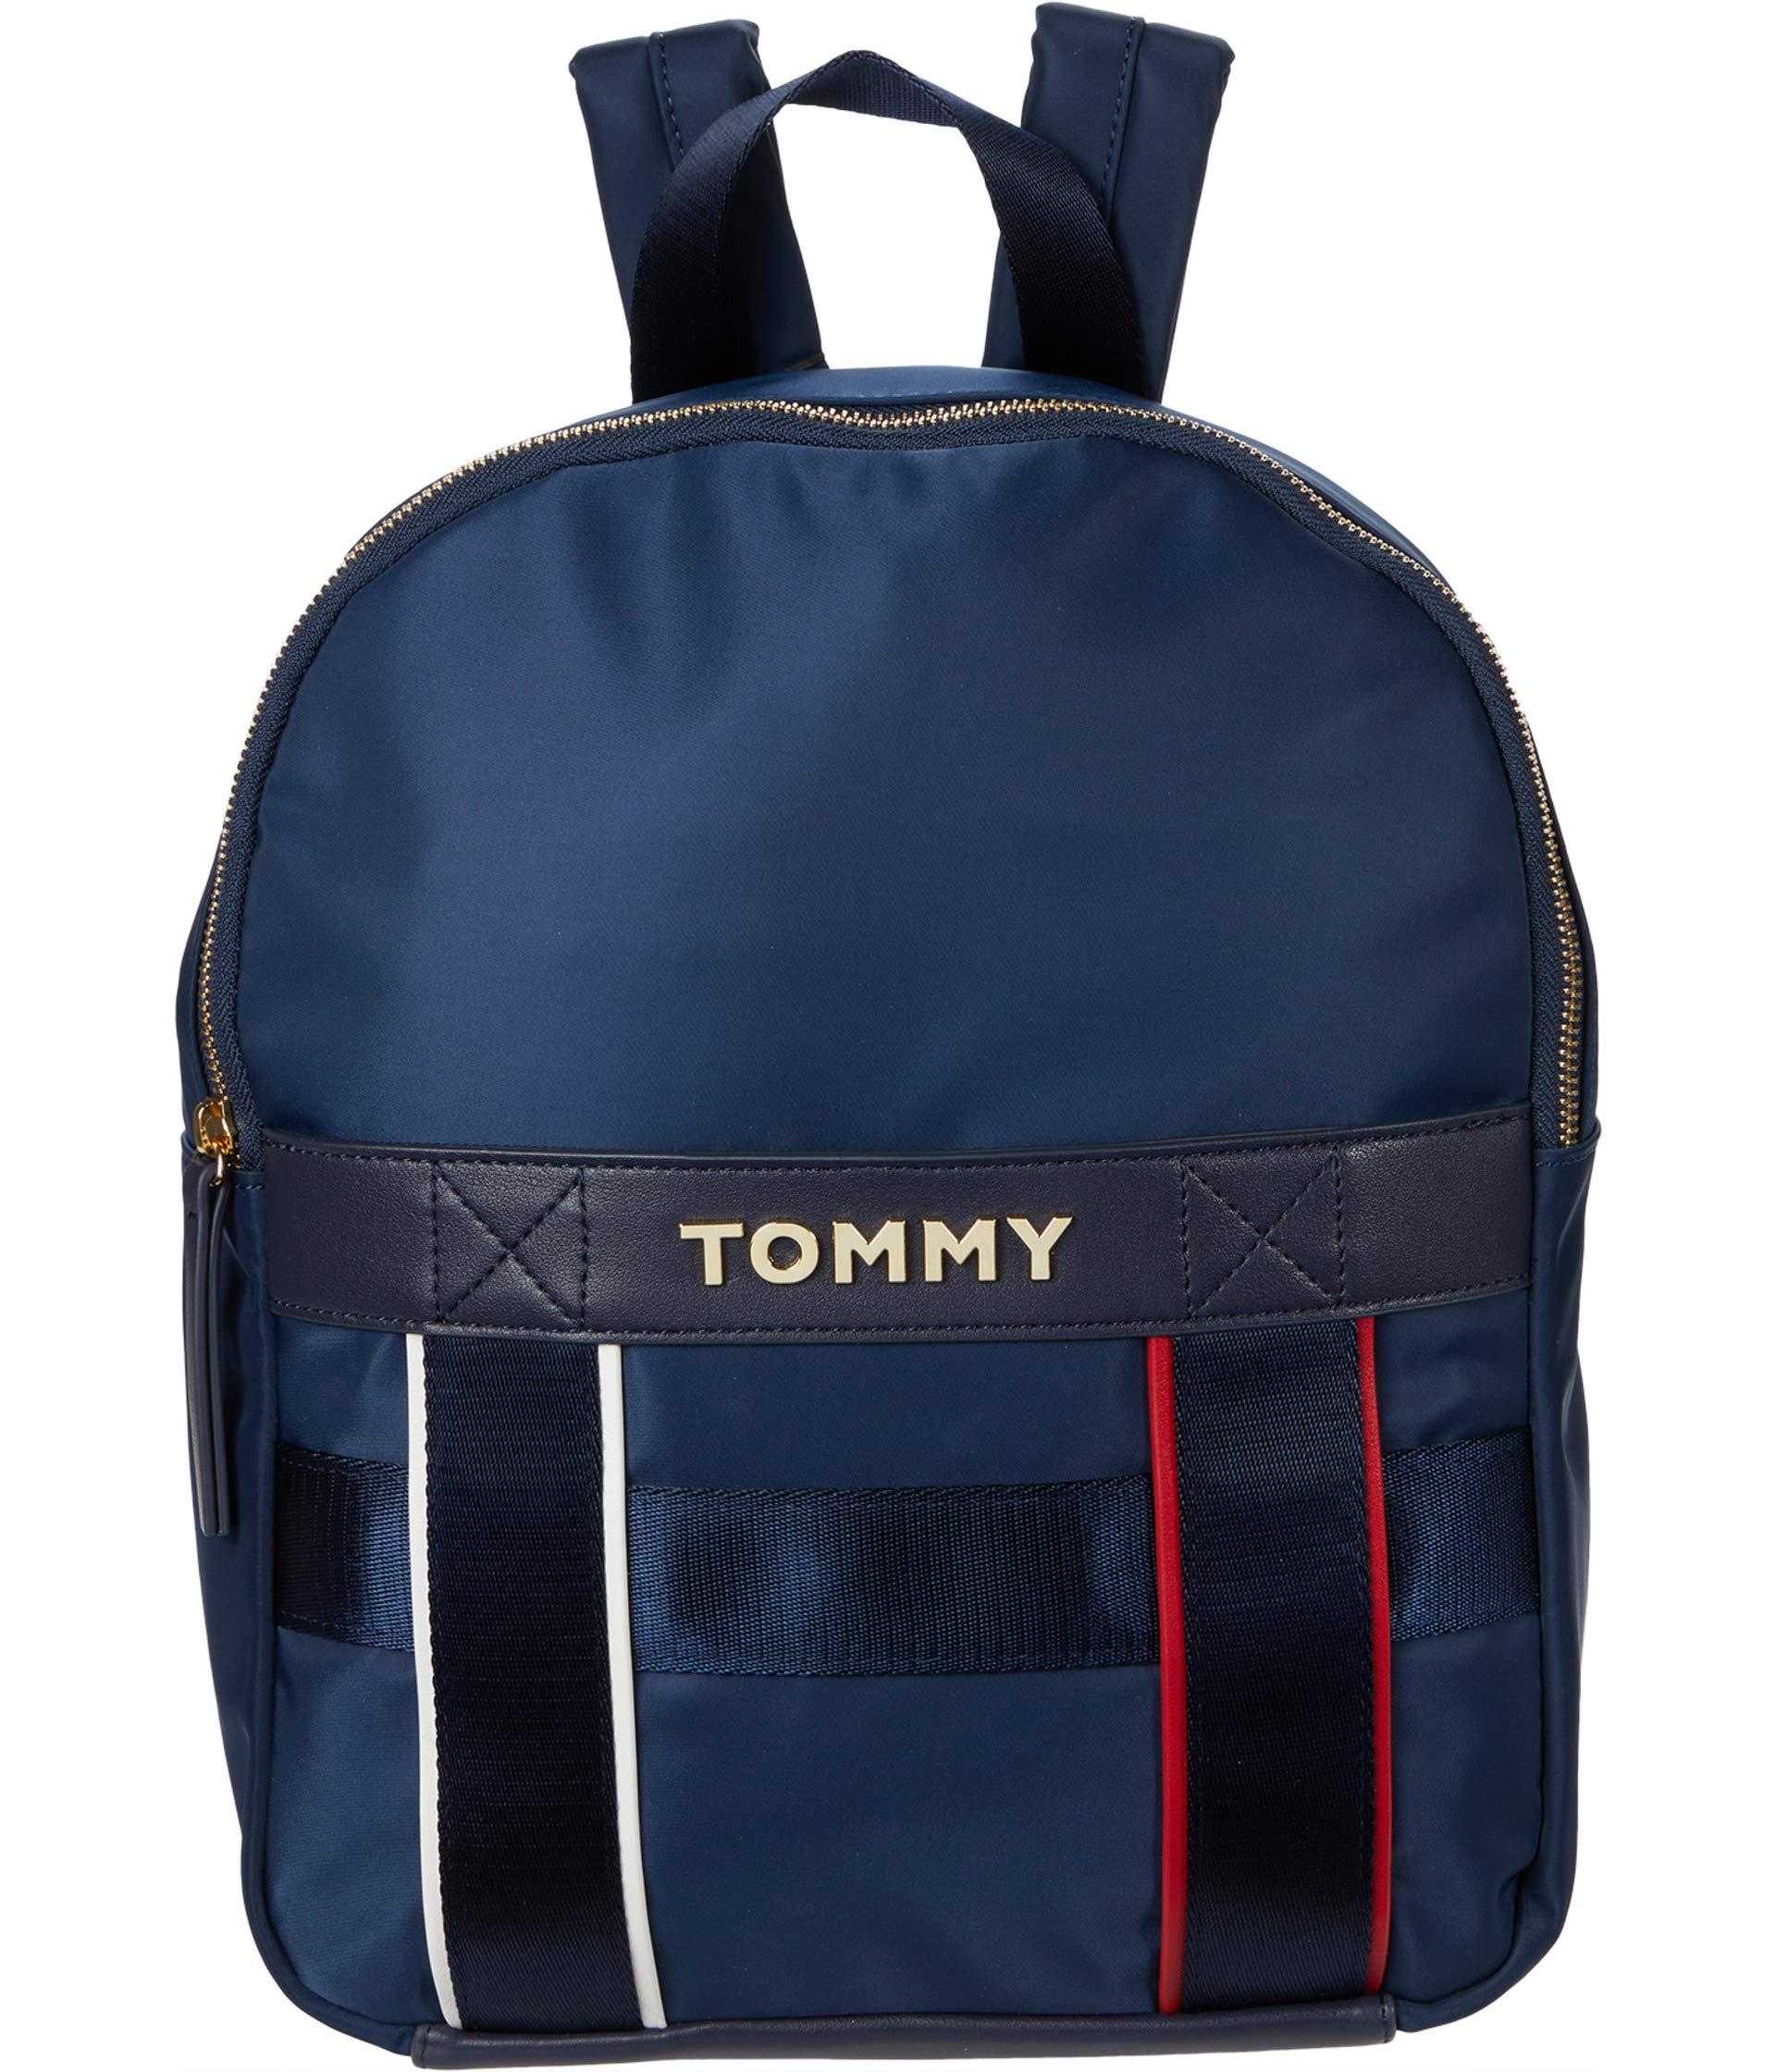 Tommy Hilfiger Tommy Hilfiger Grace Backpack Smooth